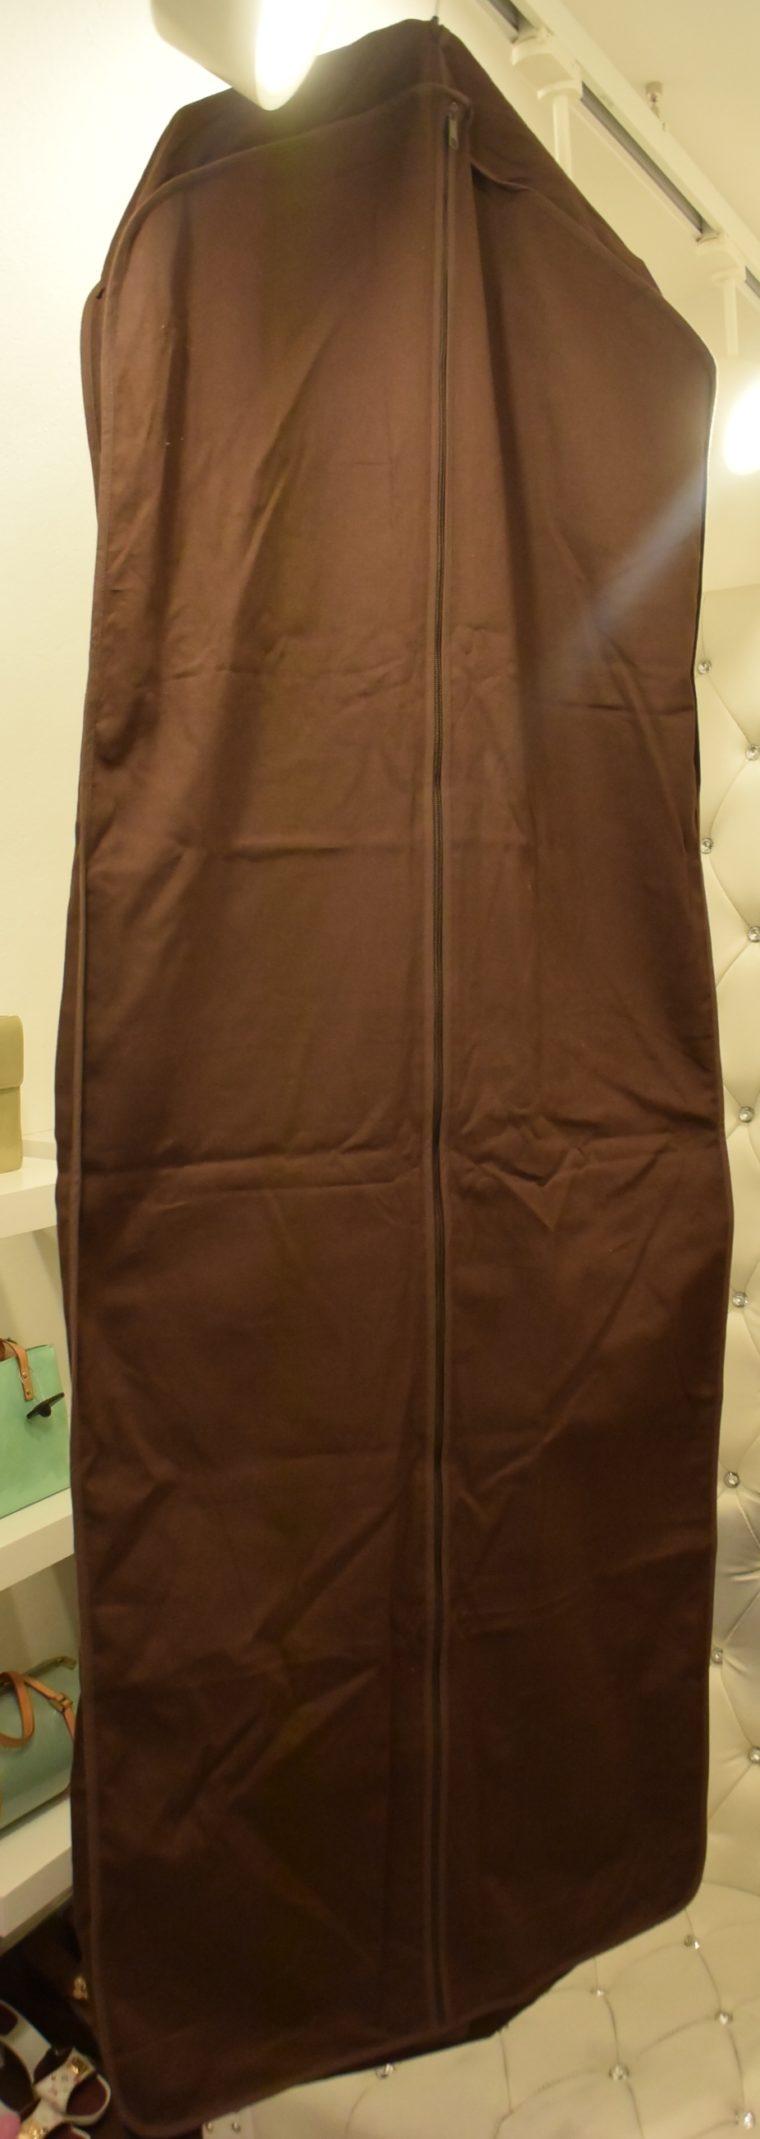 Louis Vuitton Kleiderhülle Kleidersack groß braun-12983